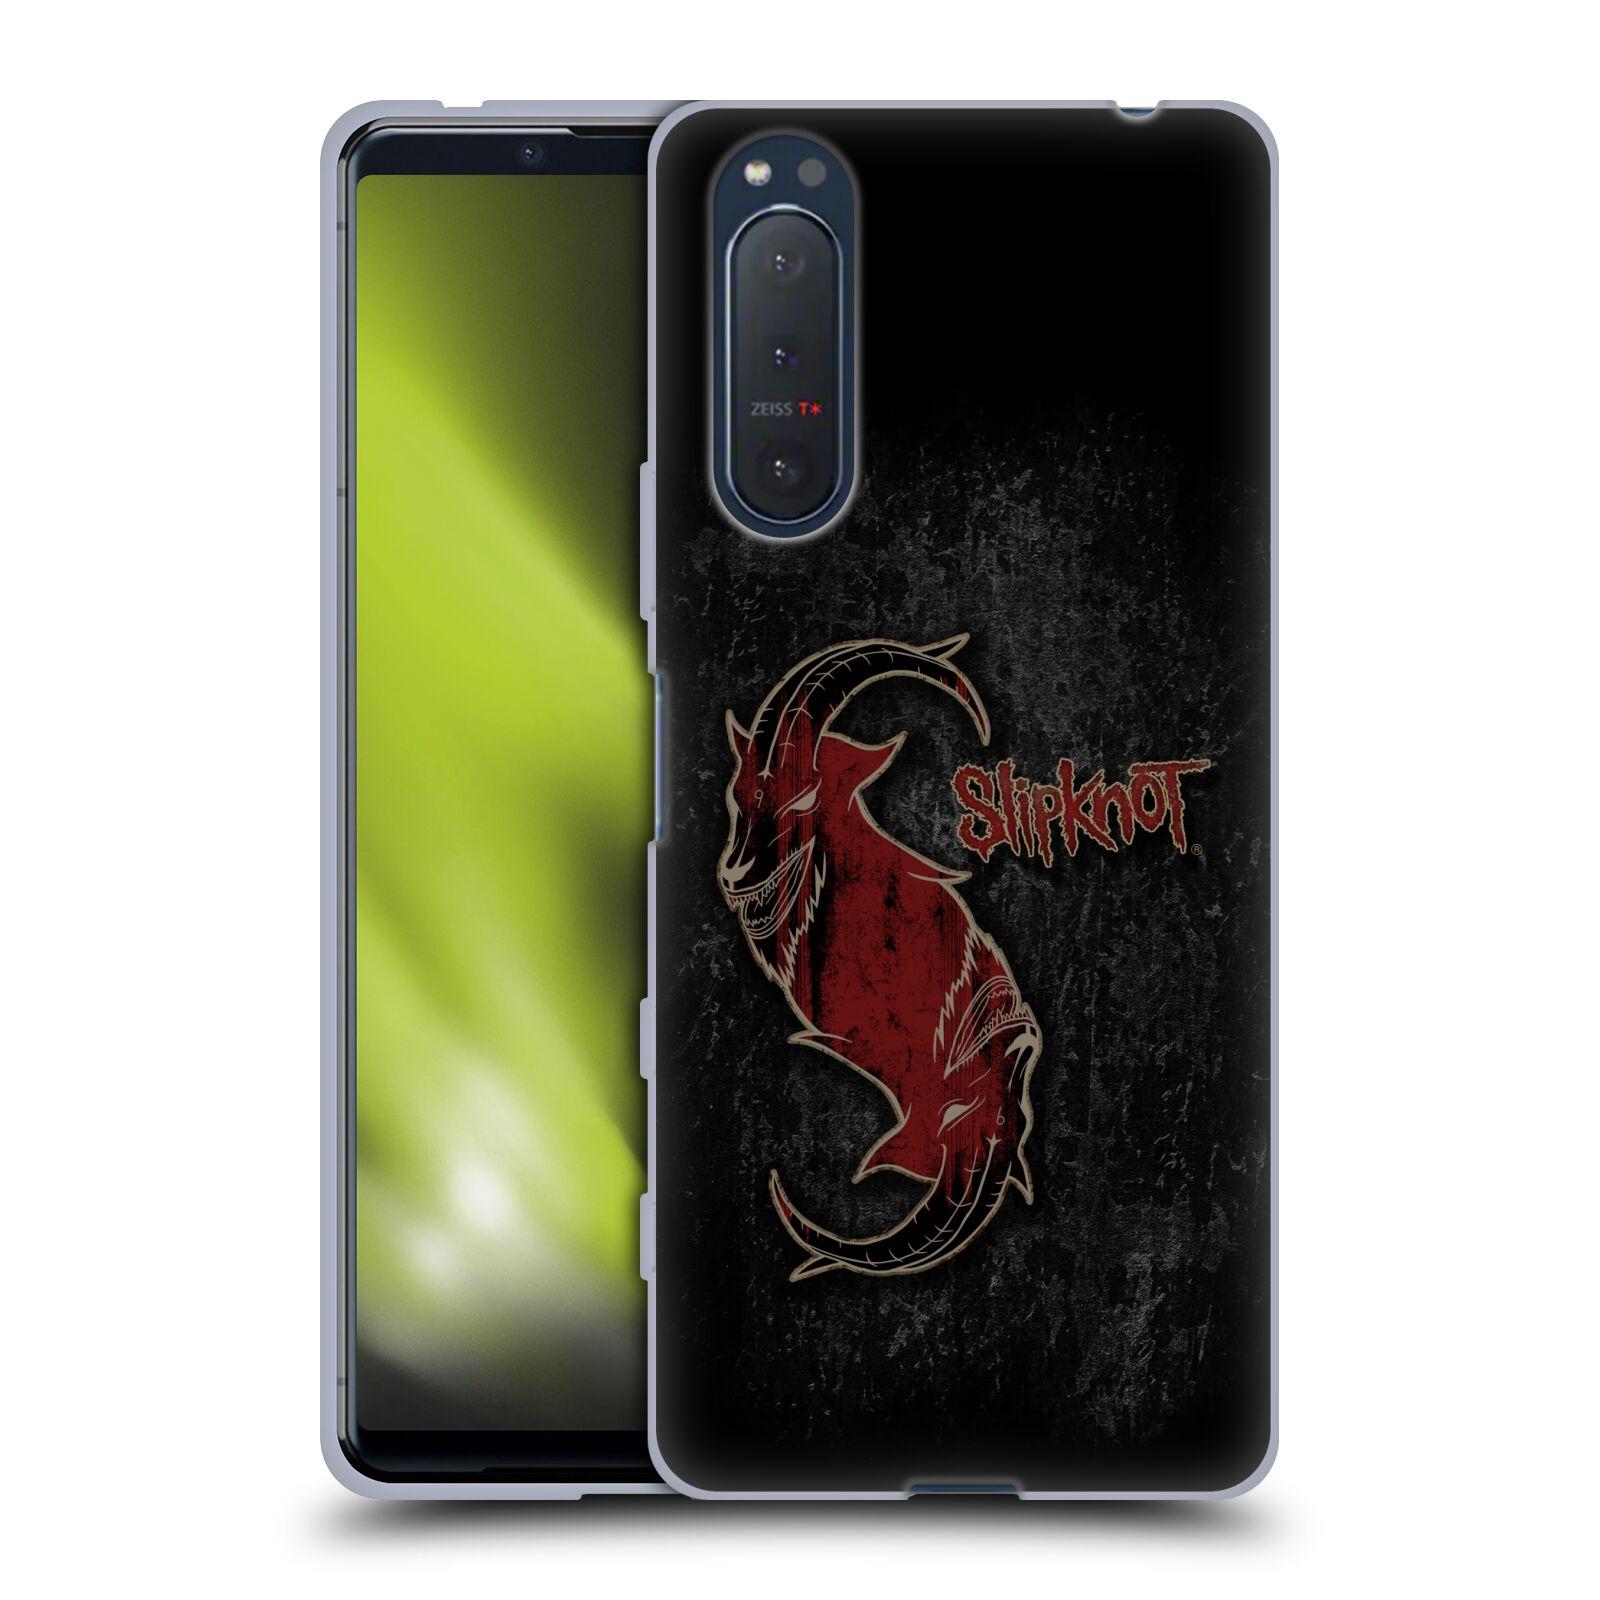 Silikonové pouzdro na mobil Sony Xperia 5 II - Head Case - Slipknot - Rudý kozel